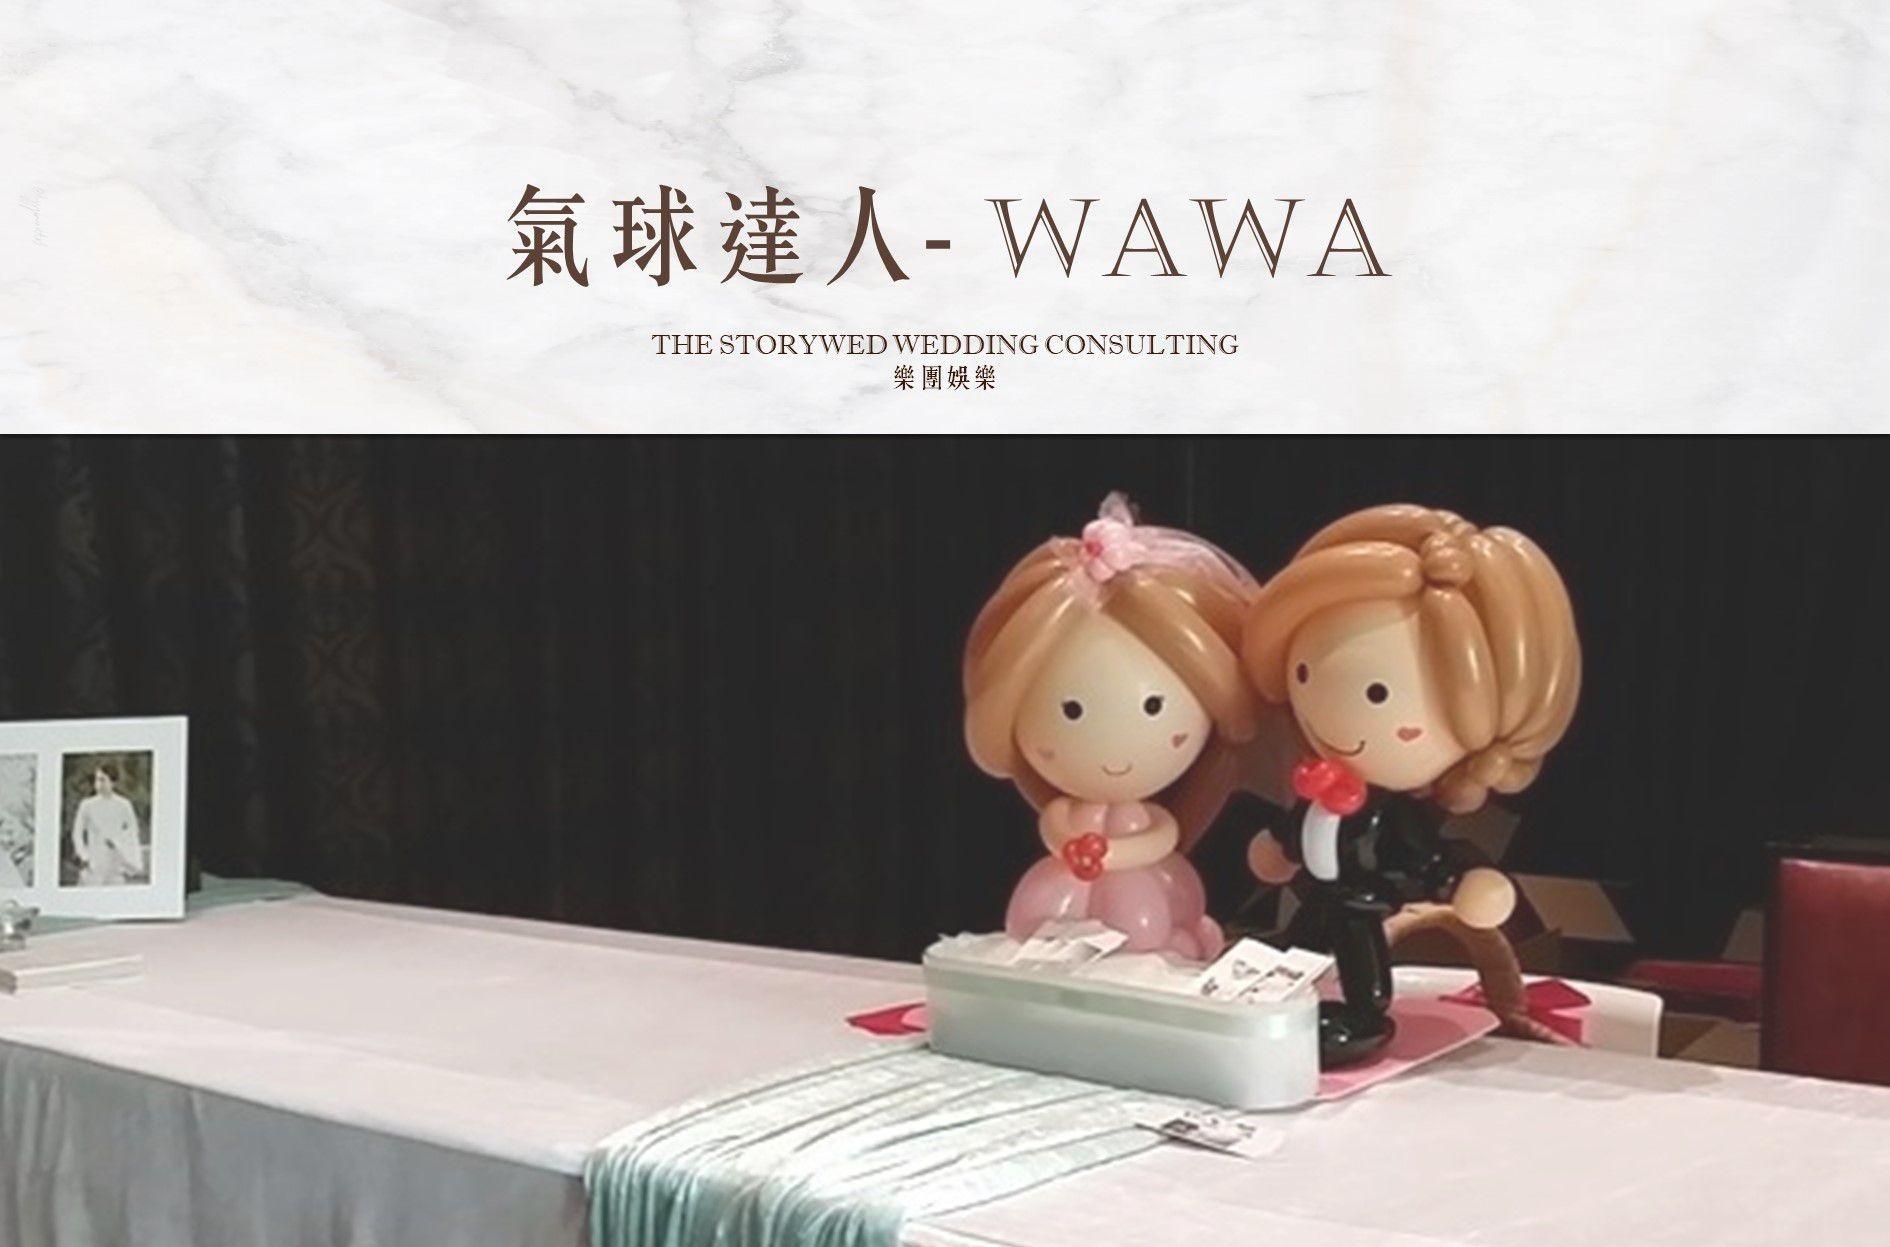 〖互動娛樂〗氣球達人 - WaWa